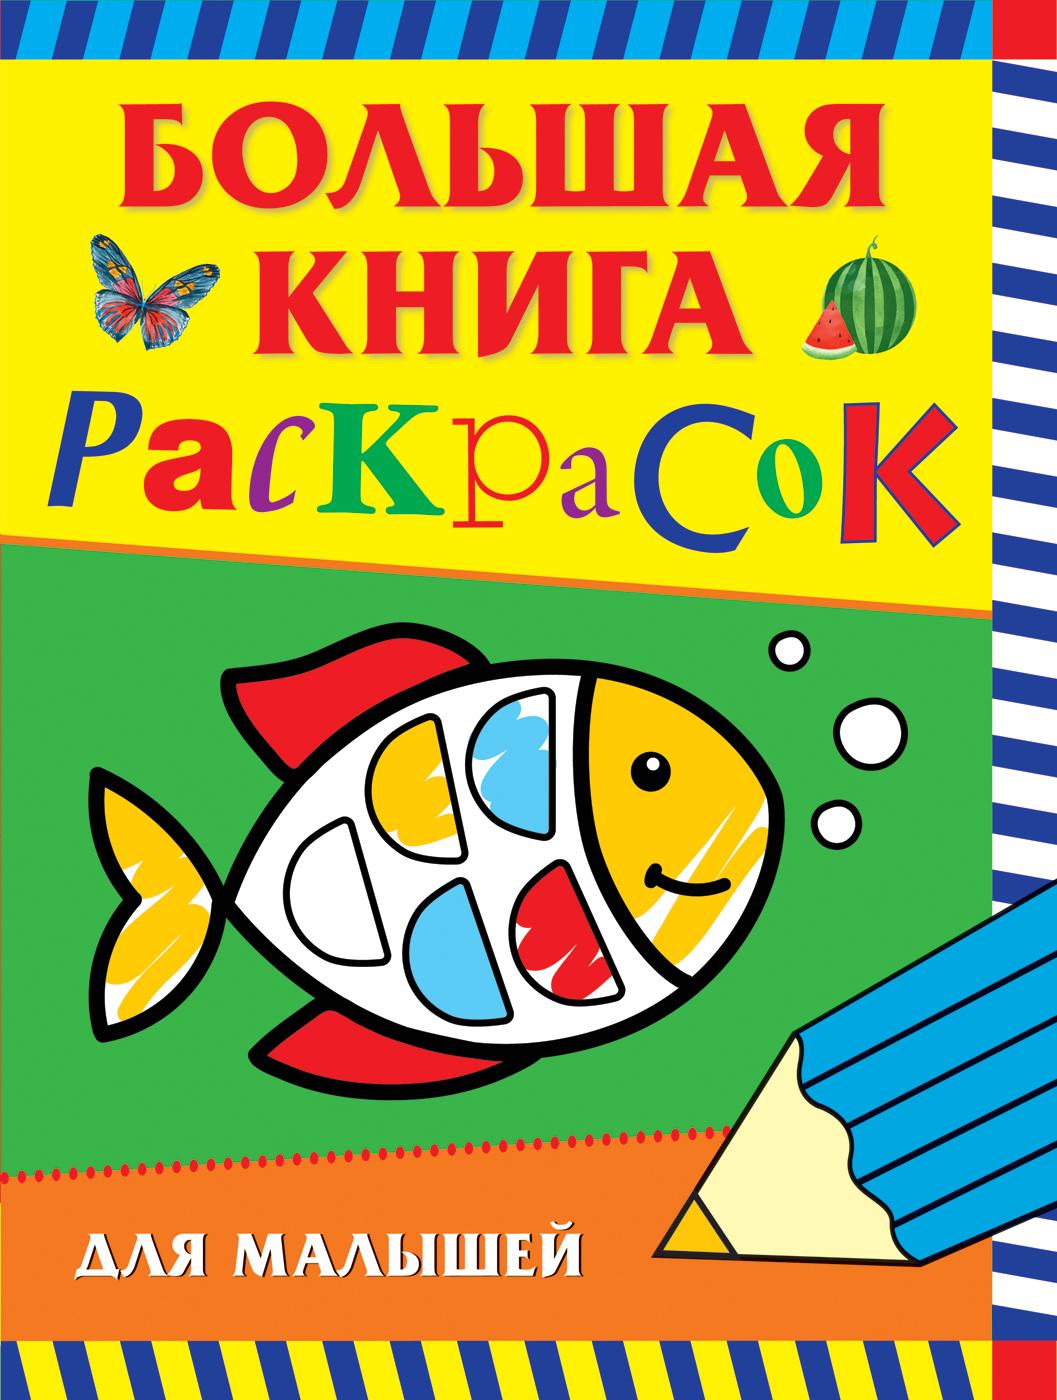 Котятова Н. И. Большая книга раскрасок для малышей никищихина е худож большая книга раскрасок для самых маленьких